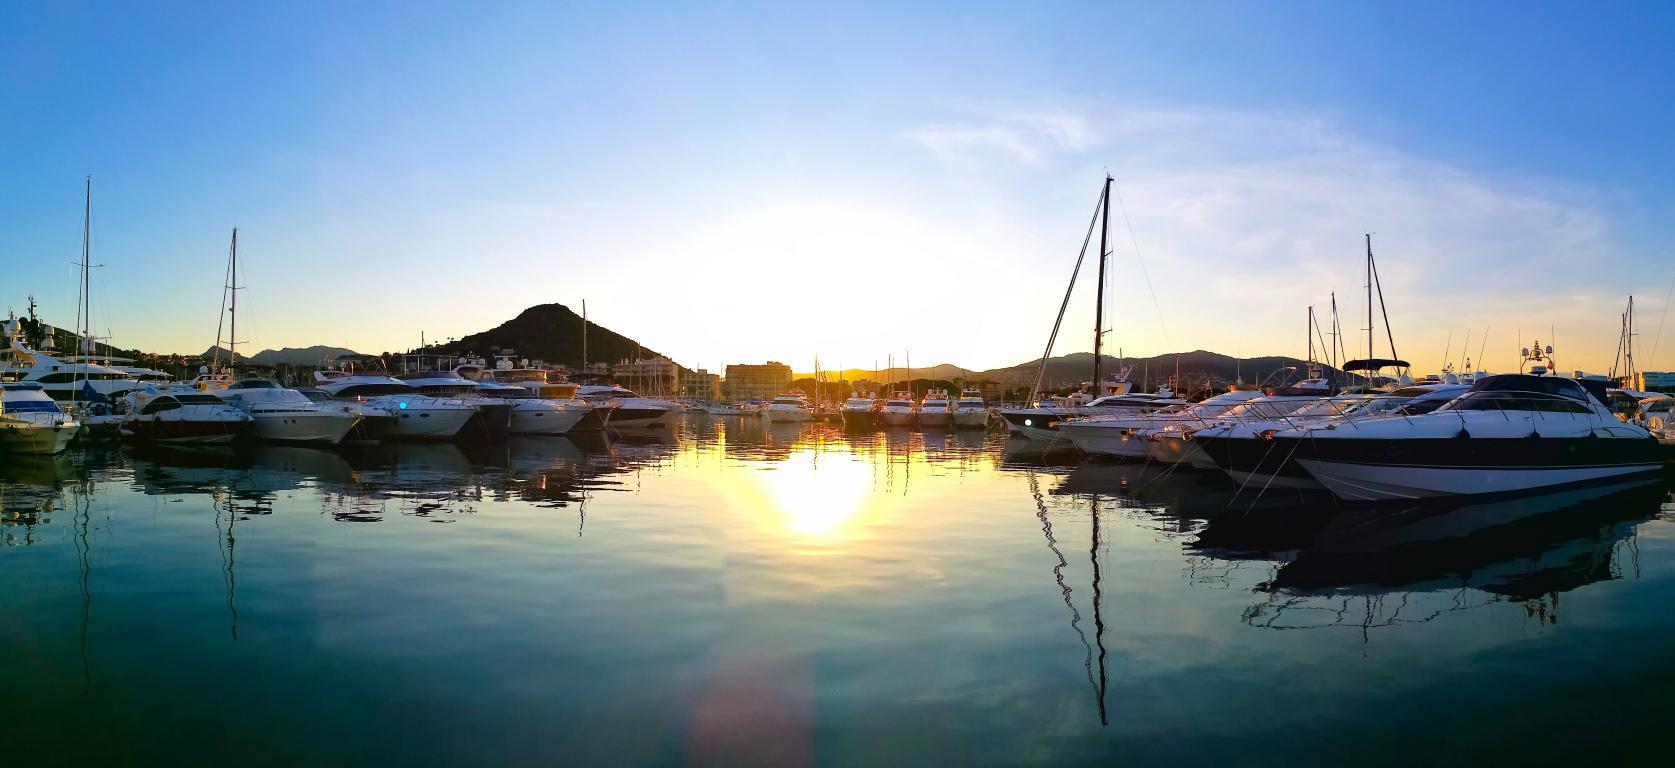 Port de La Napoule - bateaux à flot et couché de soleil